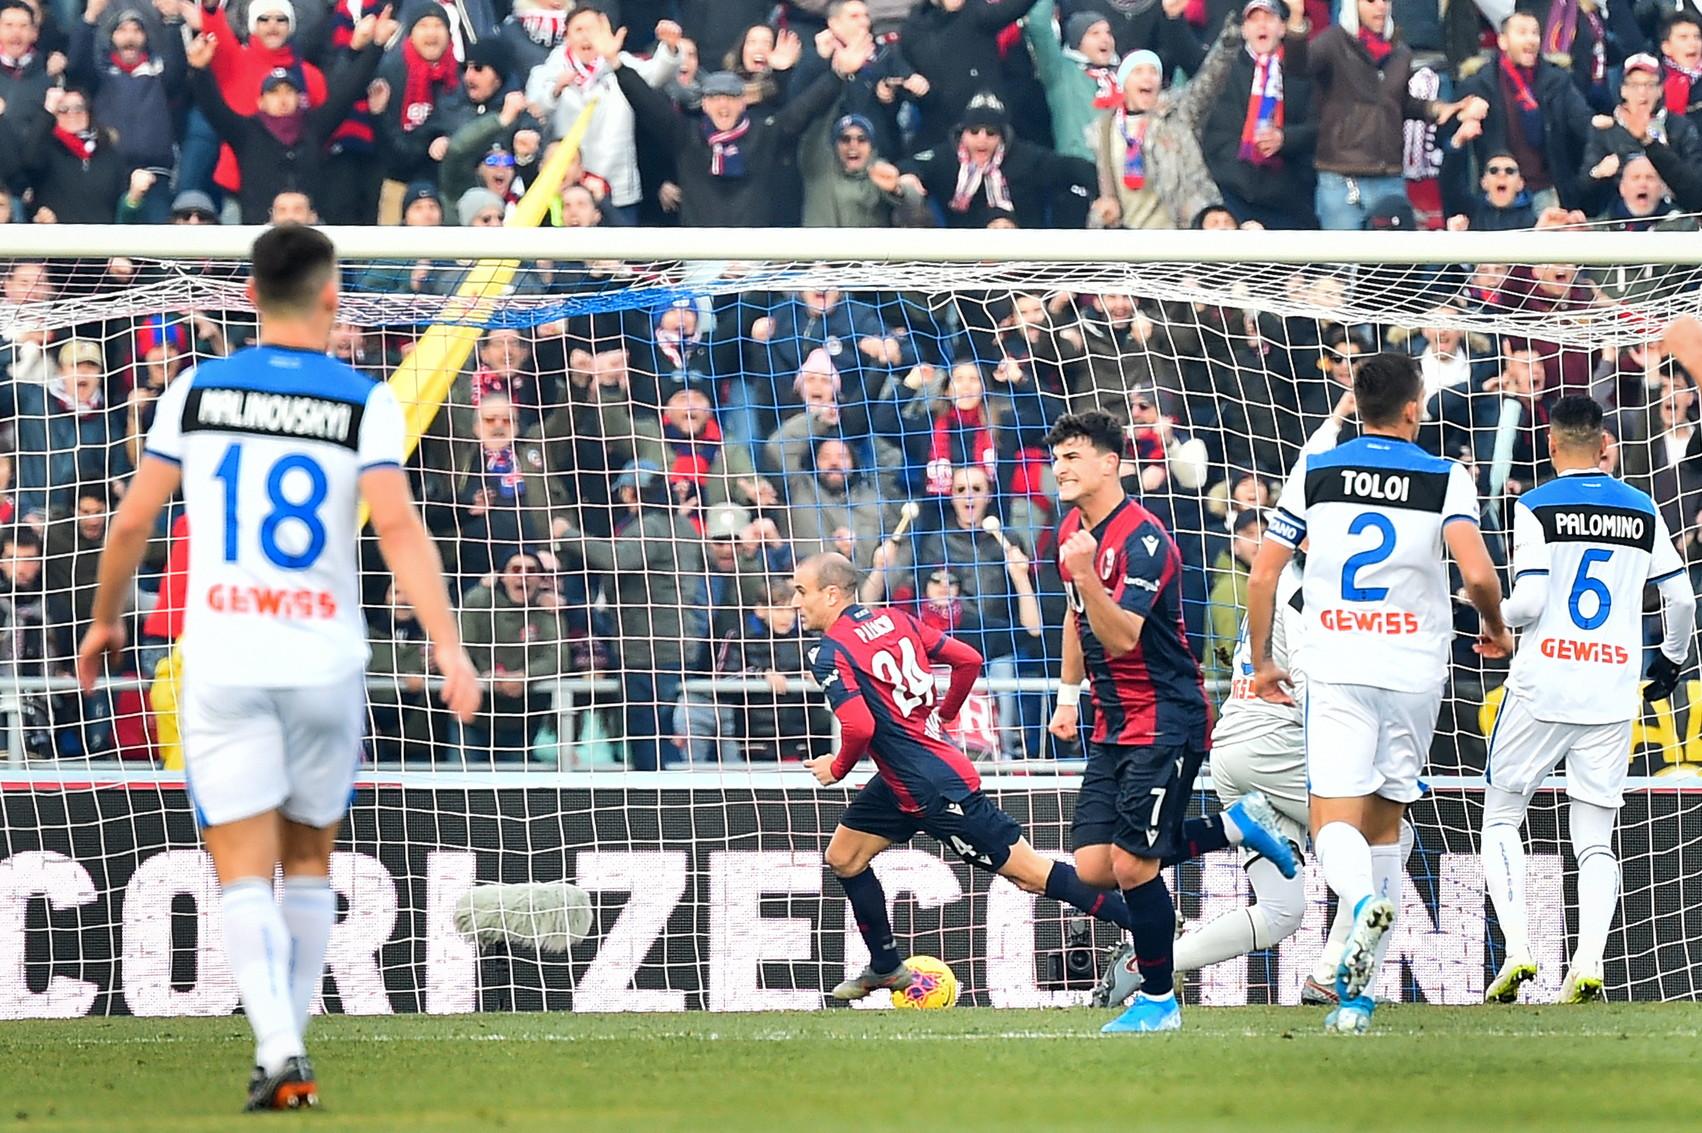 Nella 16a giornata di Serie A, il Bologna batte 2-1 l'Atalanta e torna a vincere al Dall'Ara dopo 49 giorni. Palacio sblocca il match al 12...